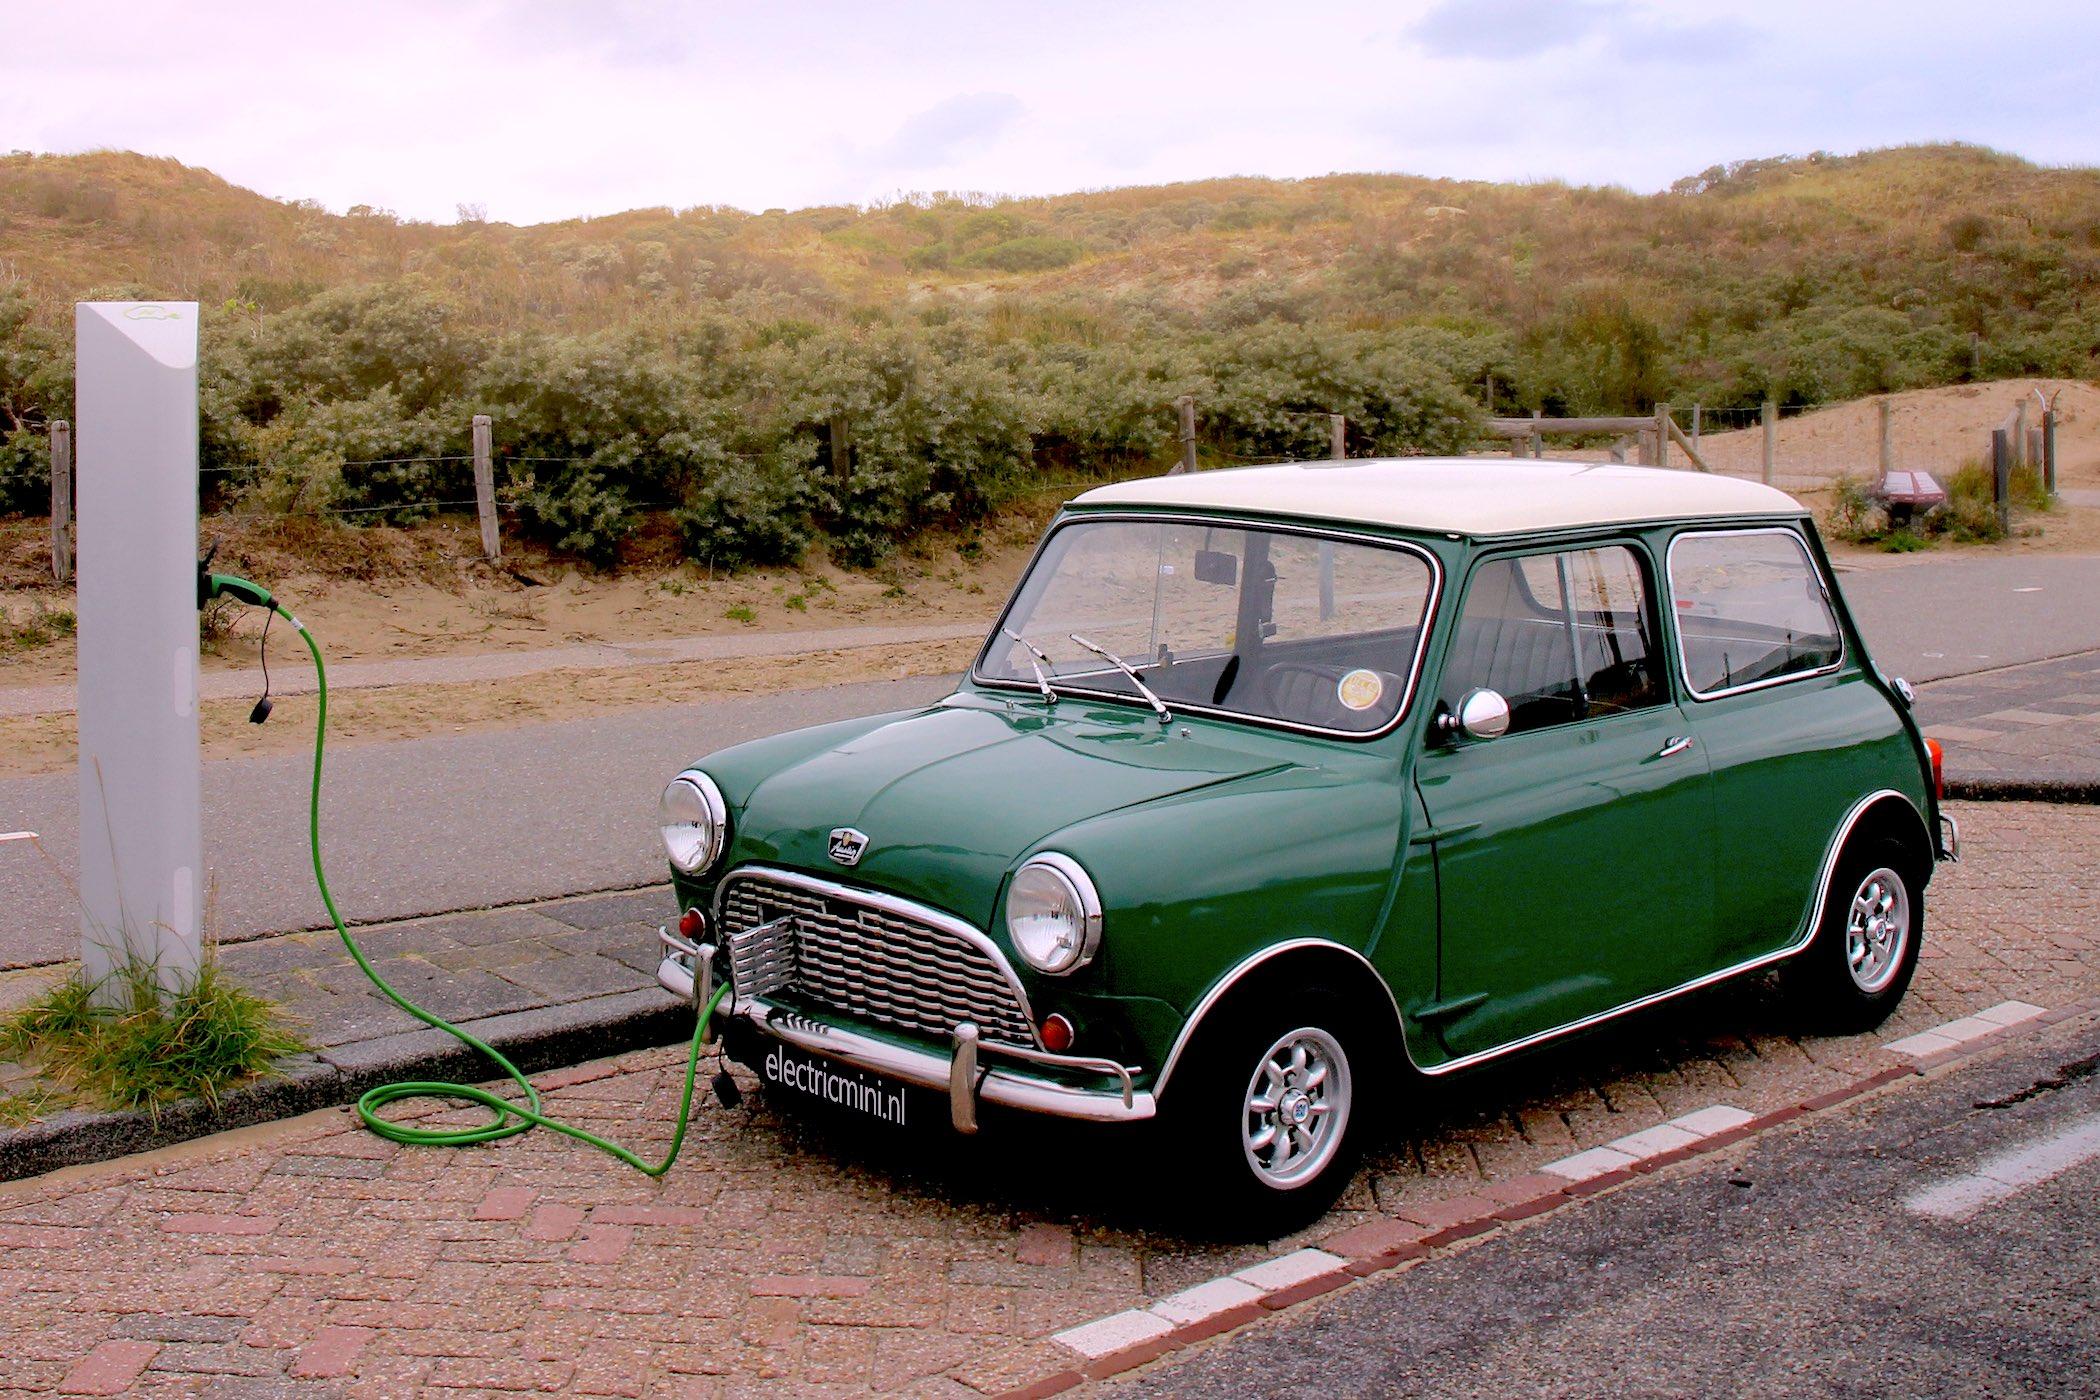 رونق و محبوبیت تبدیل خودروهای کلاسیک به خودروهای برقی